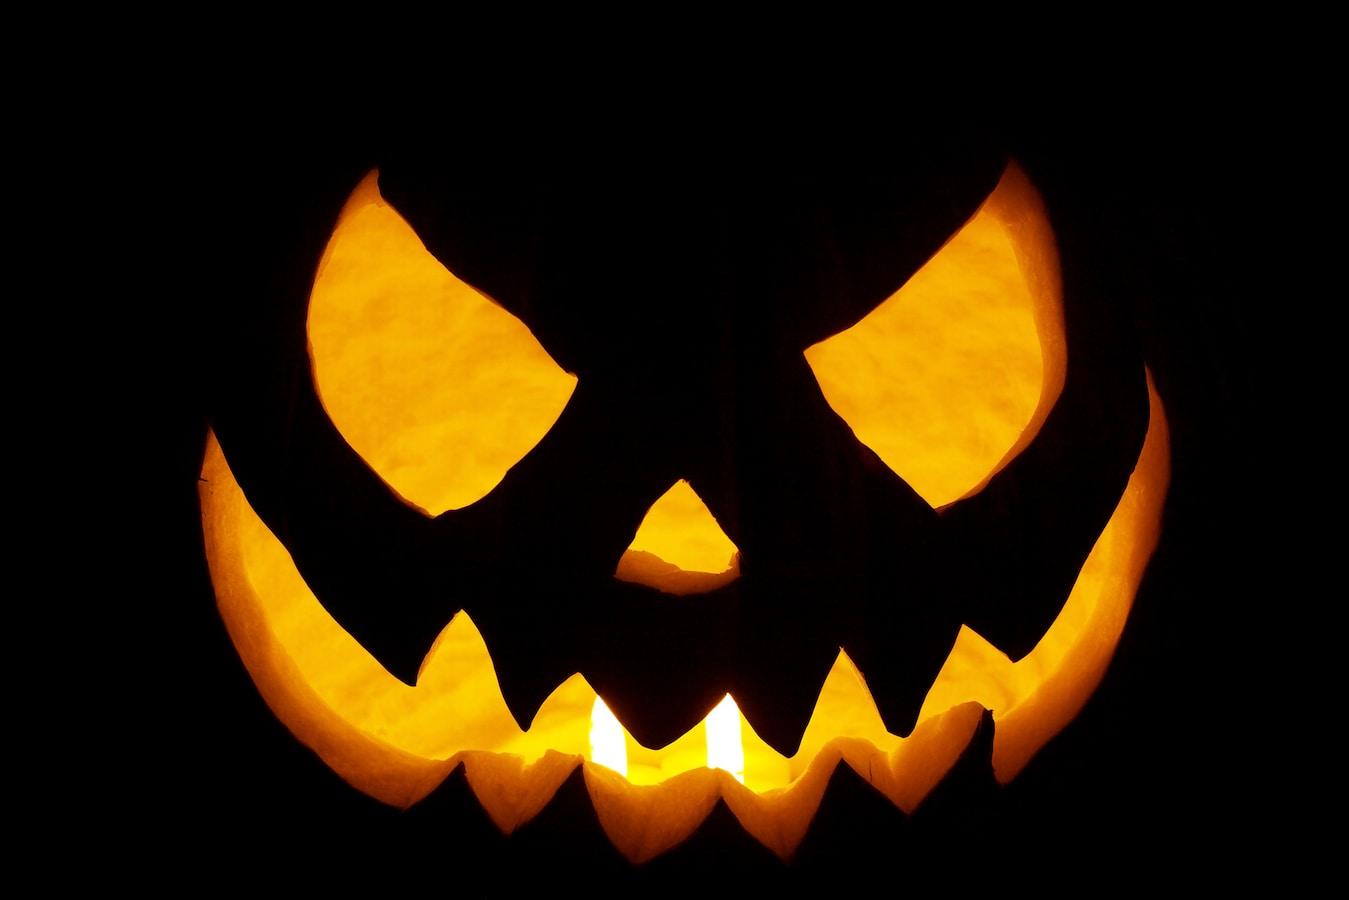 ハロウィンかぼちゃお化けの名前や由来 子供の英語教育 All About